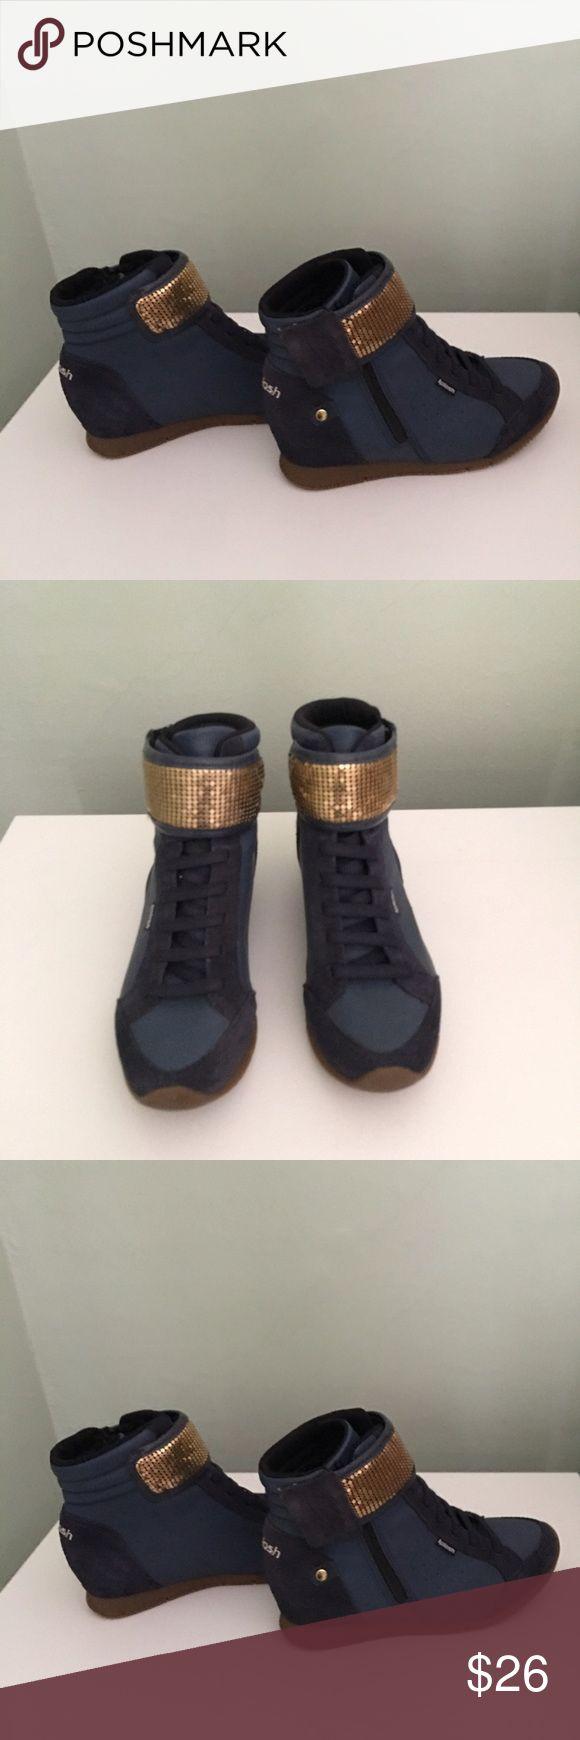 Kolosh sneaker Kolosh sneaker it has been used only twice very comfortable! Made in Brazil ! Kolosh Shoes Sneakers